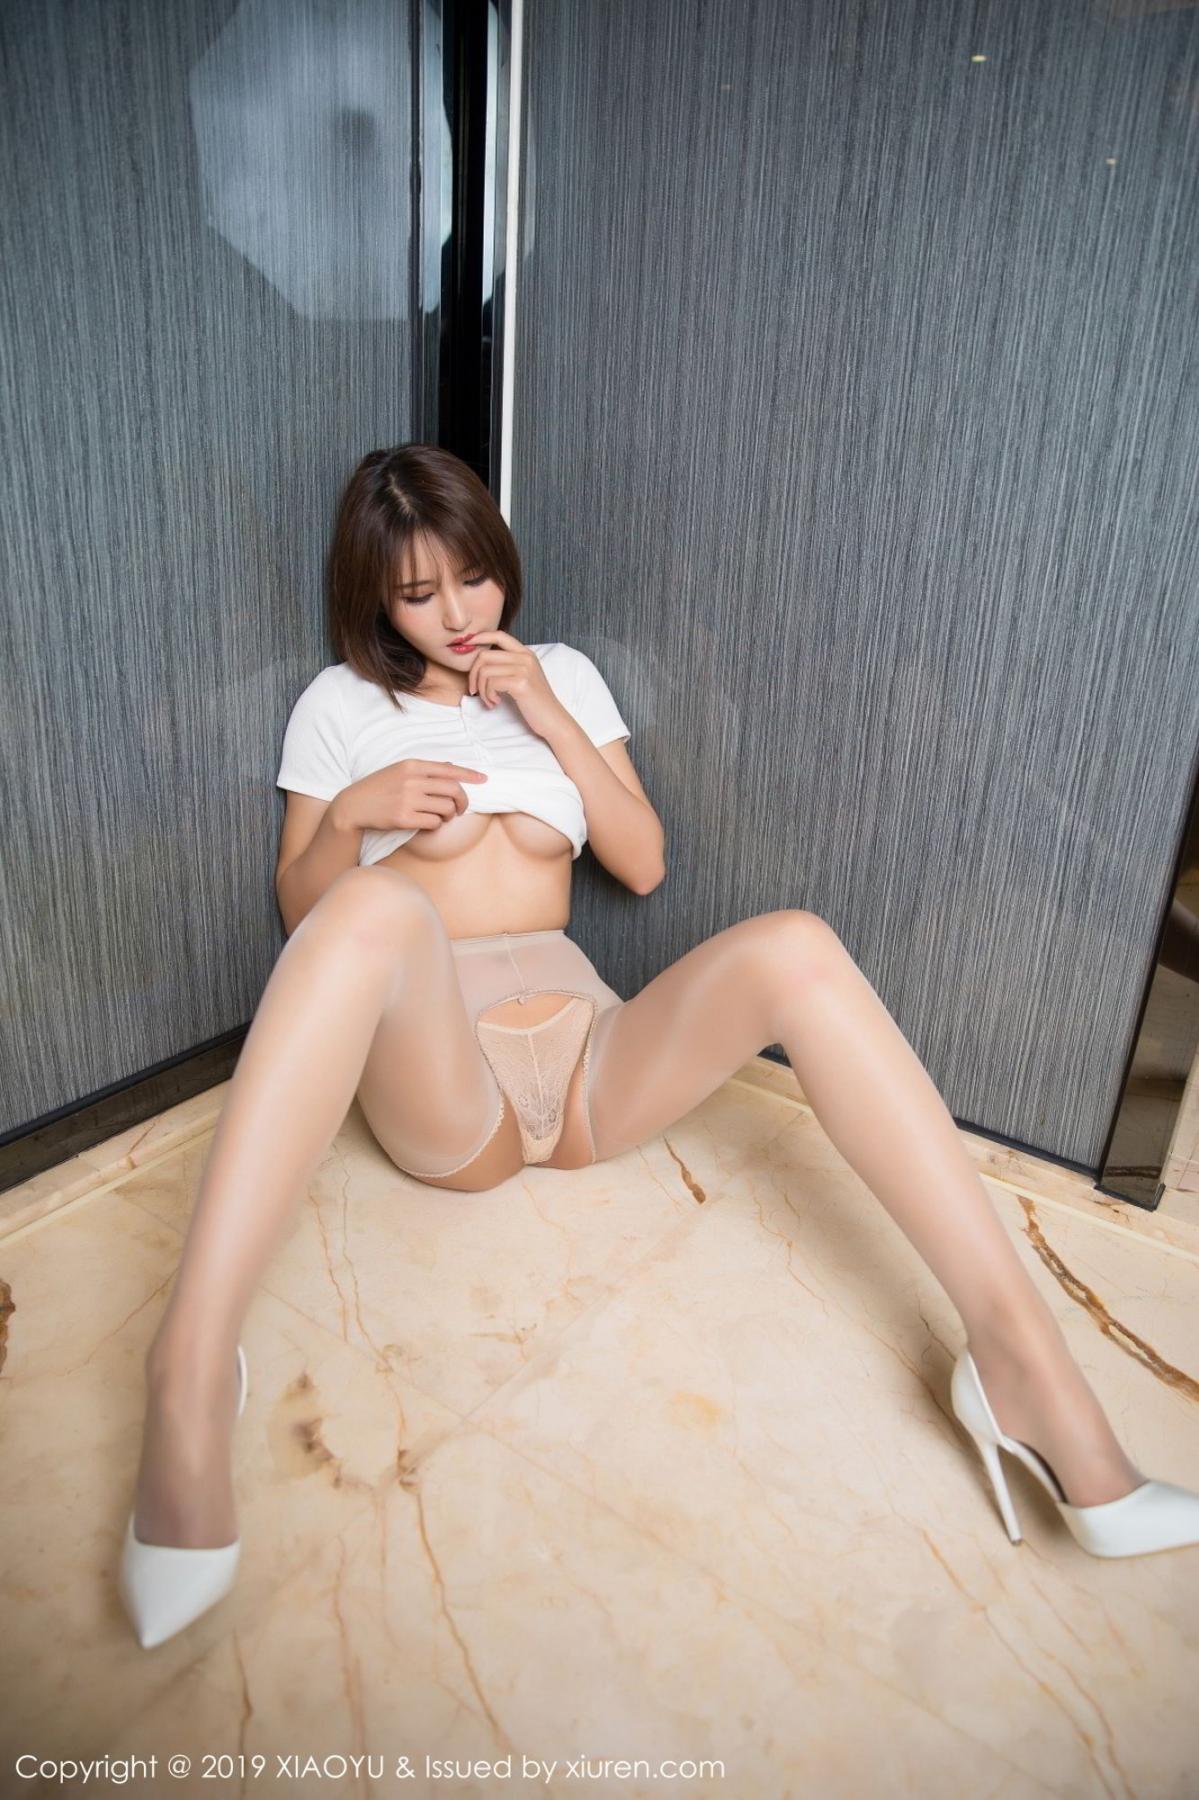 [XiaoYu] Vol.112 Solo Yi Fei 22P, Solo Yi Fei, Underwear, XiaoYu